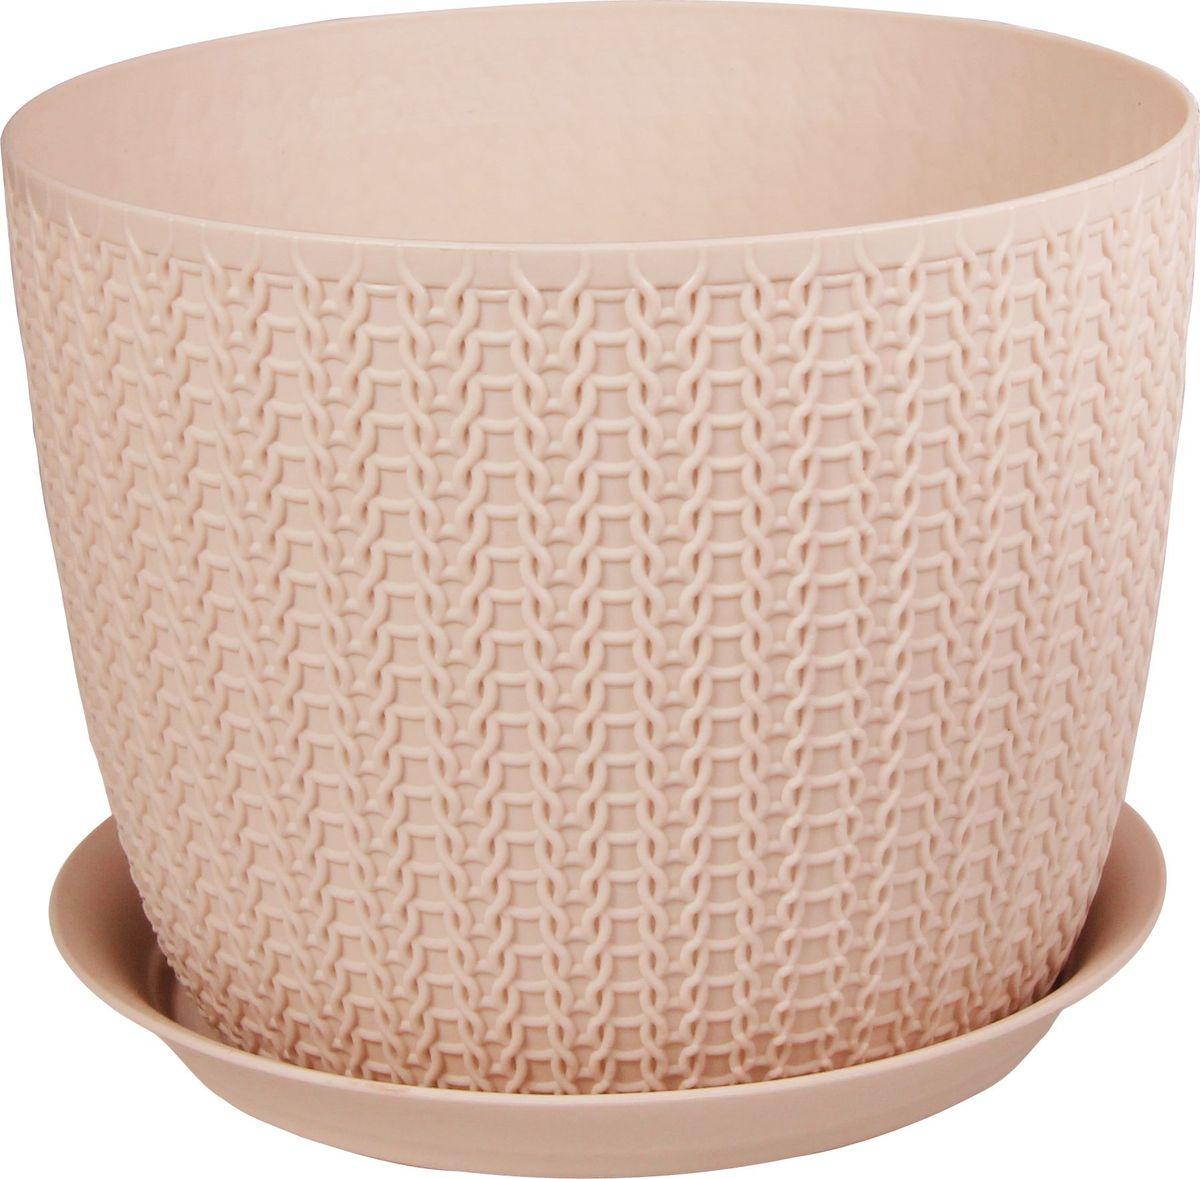 Кашпо Idea Вязание, с поддоном, цвет: чайная роза, диаметр 15,5 см531-402Кашпо Idea Вязание изготовлено из полипропилена (пластика). Специальная подставка предназначена для стока воды. Изделие прекрасно подходит для выращивания растений и цветов в домашних условиях.Диаметр кашпо: 15,5 см. Высота кашпо: 12 см. Объем кашпо: 1,9 л.